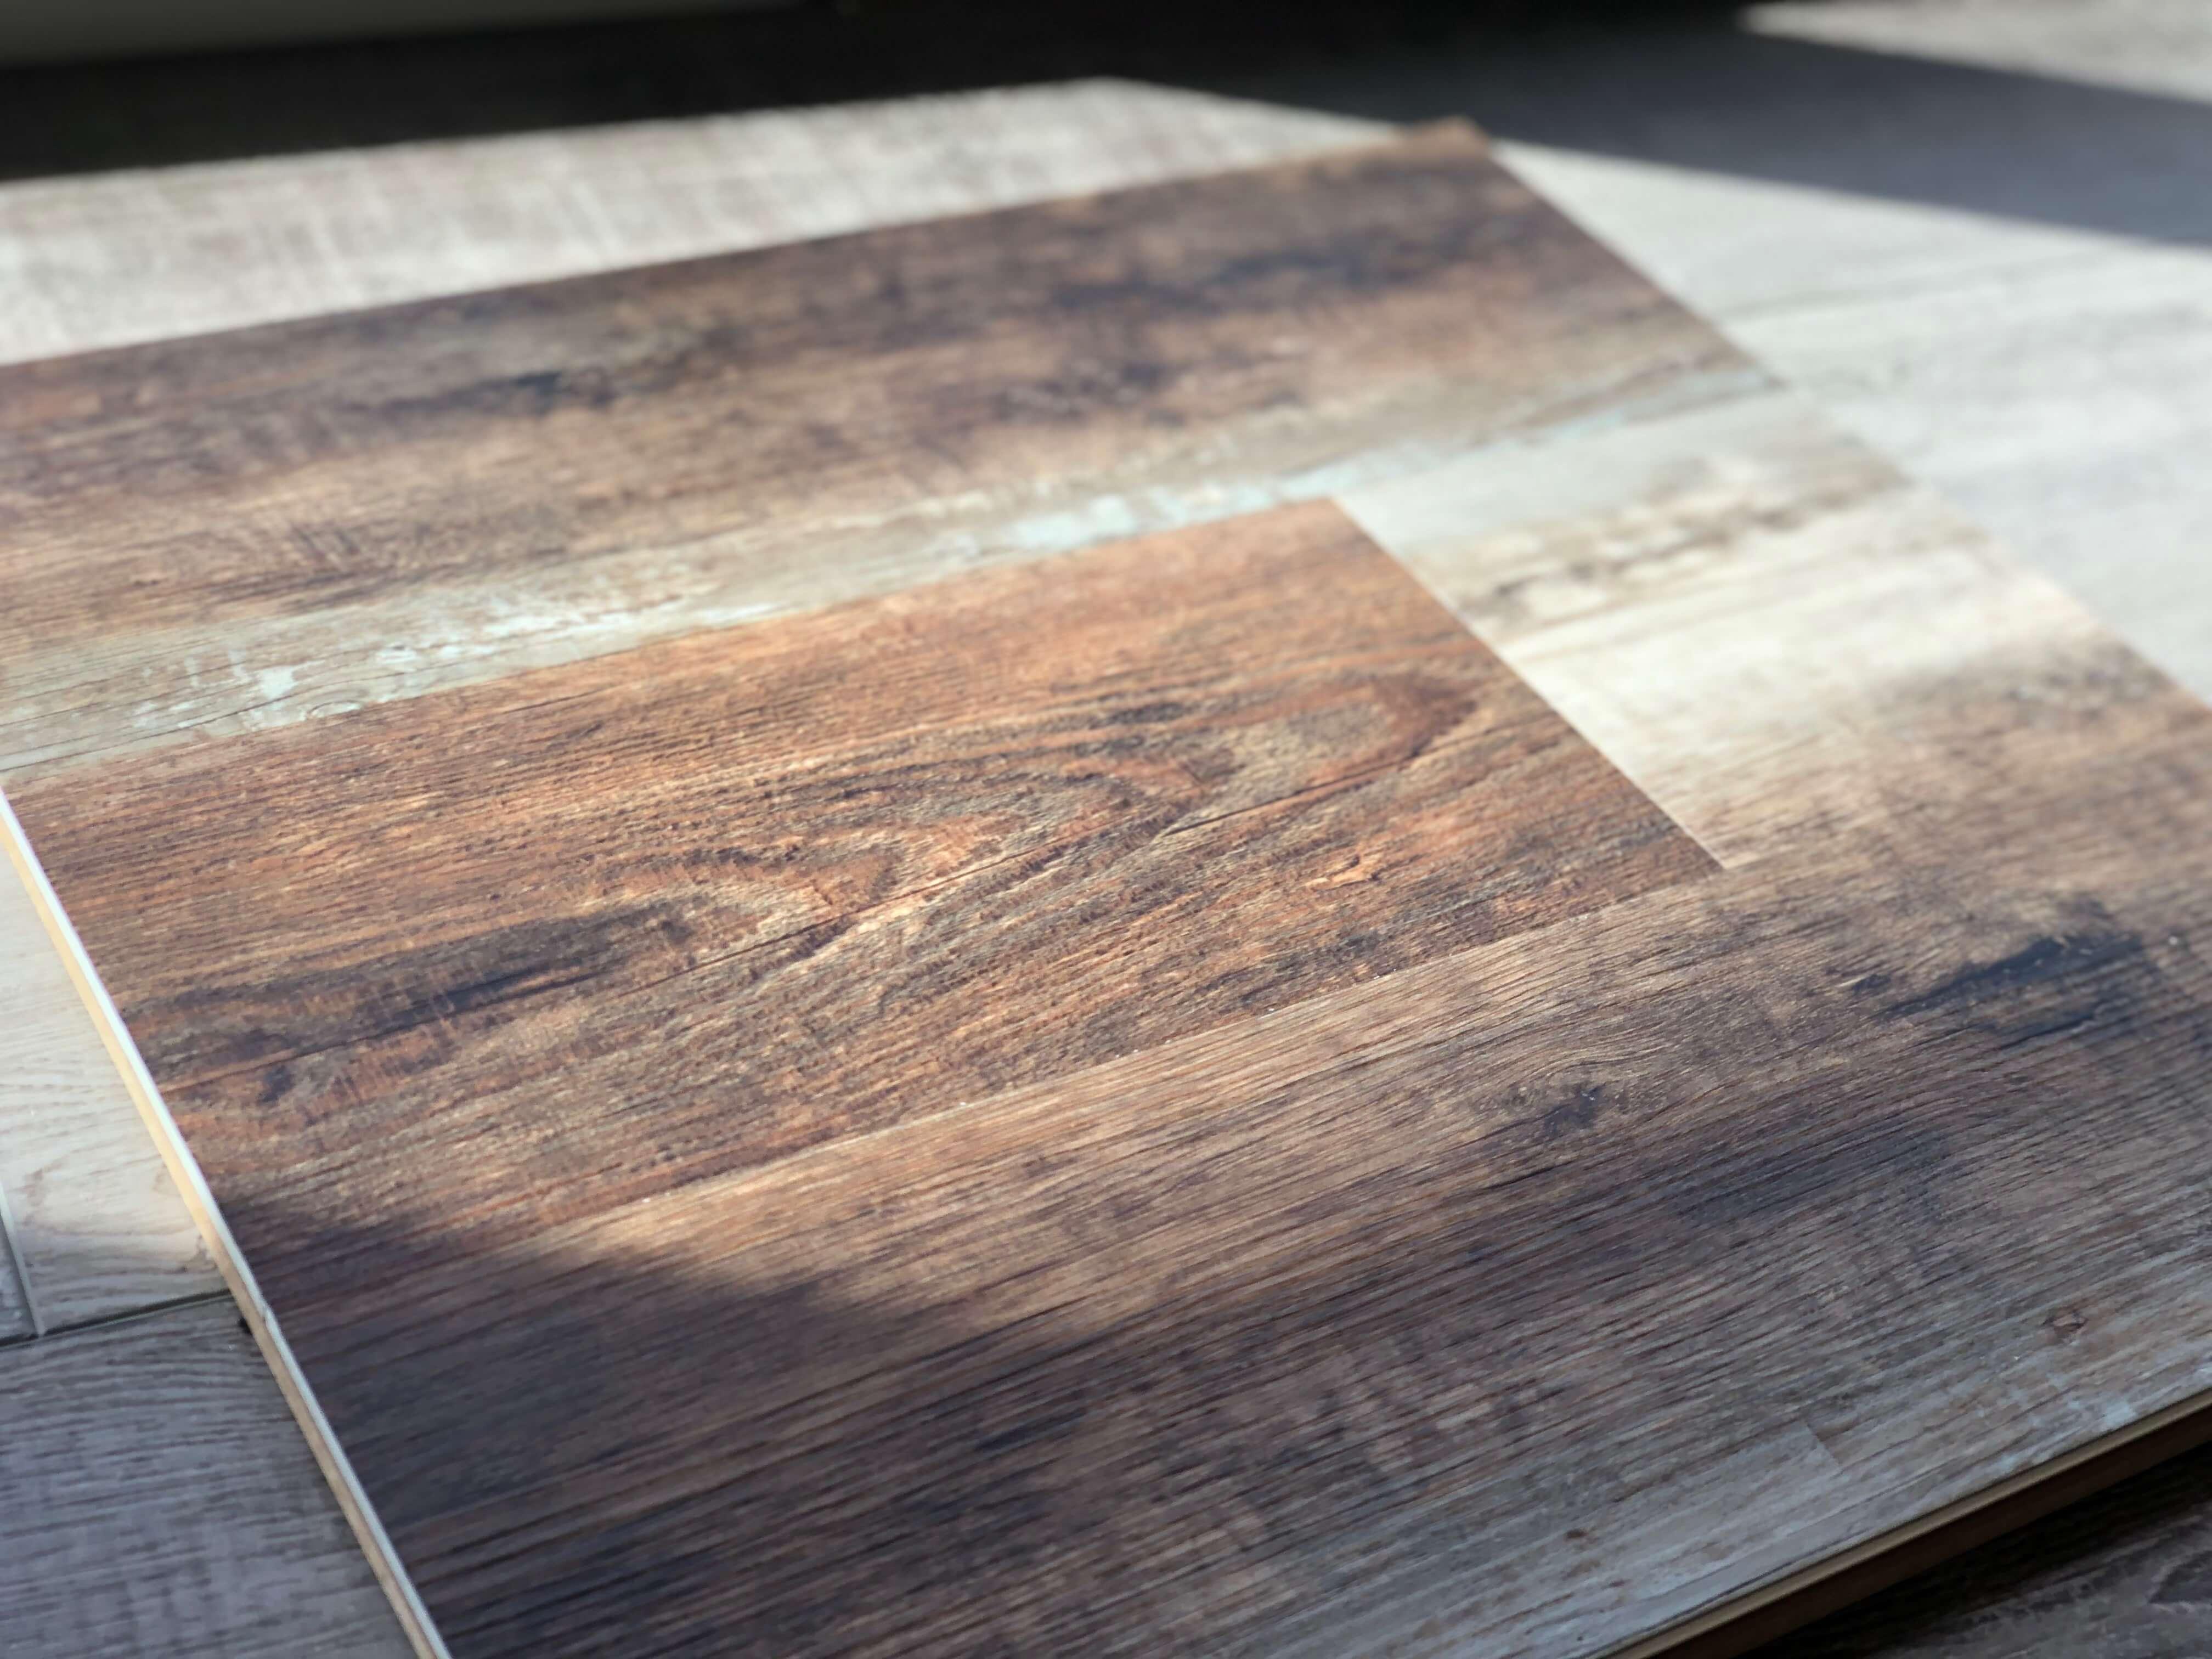 Luxury vinyl tile floor sample at Stanley Steemer Kalamazoo